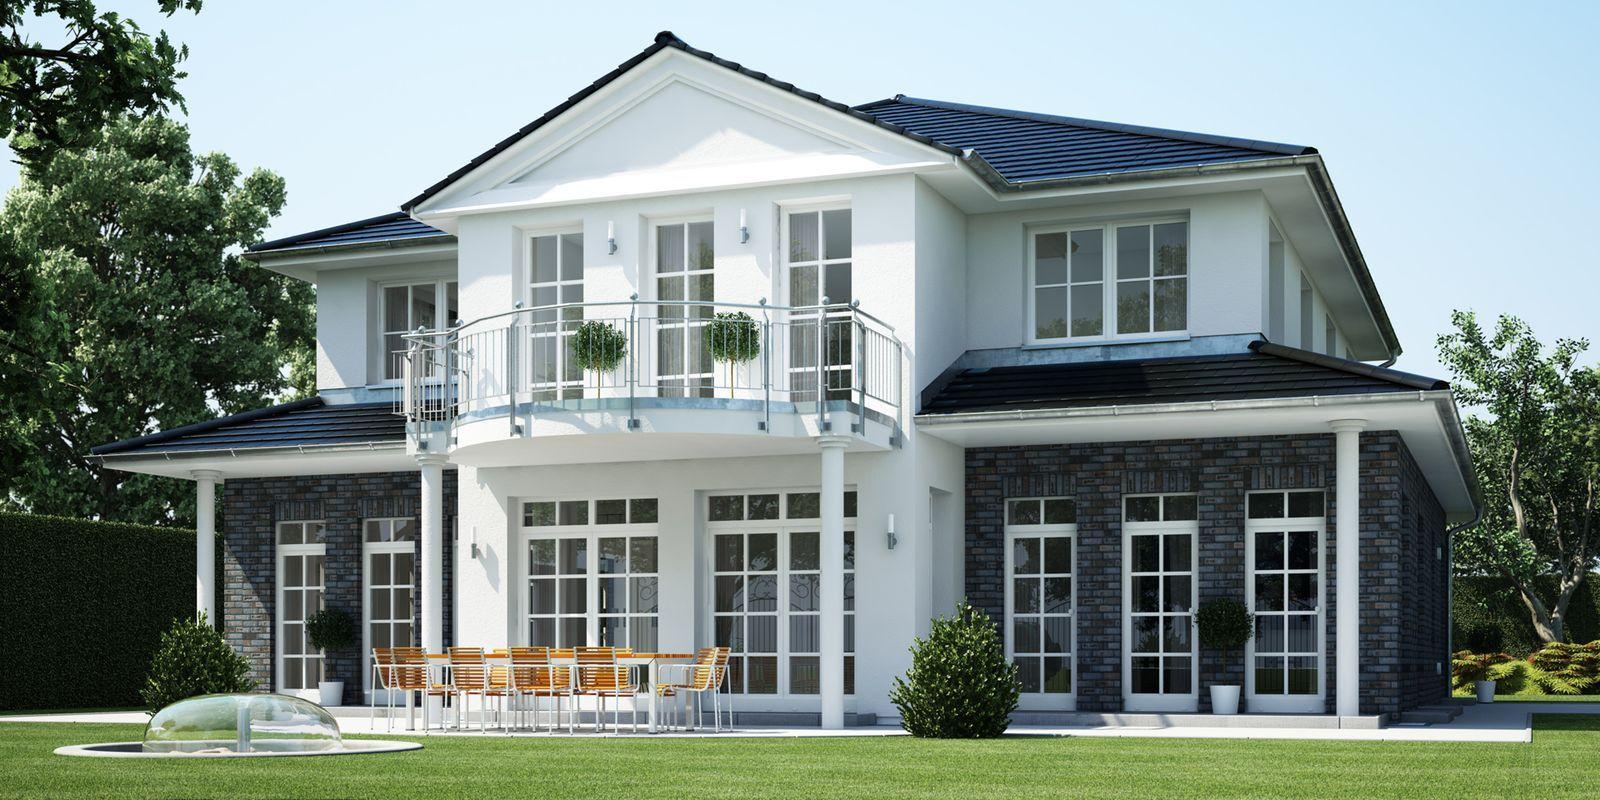 arcus heinz von heiden house designs. Black Bedroom Furniture Sets. Home Design Ideas